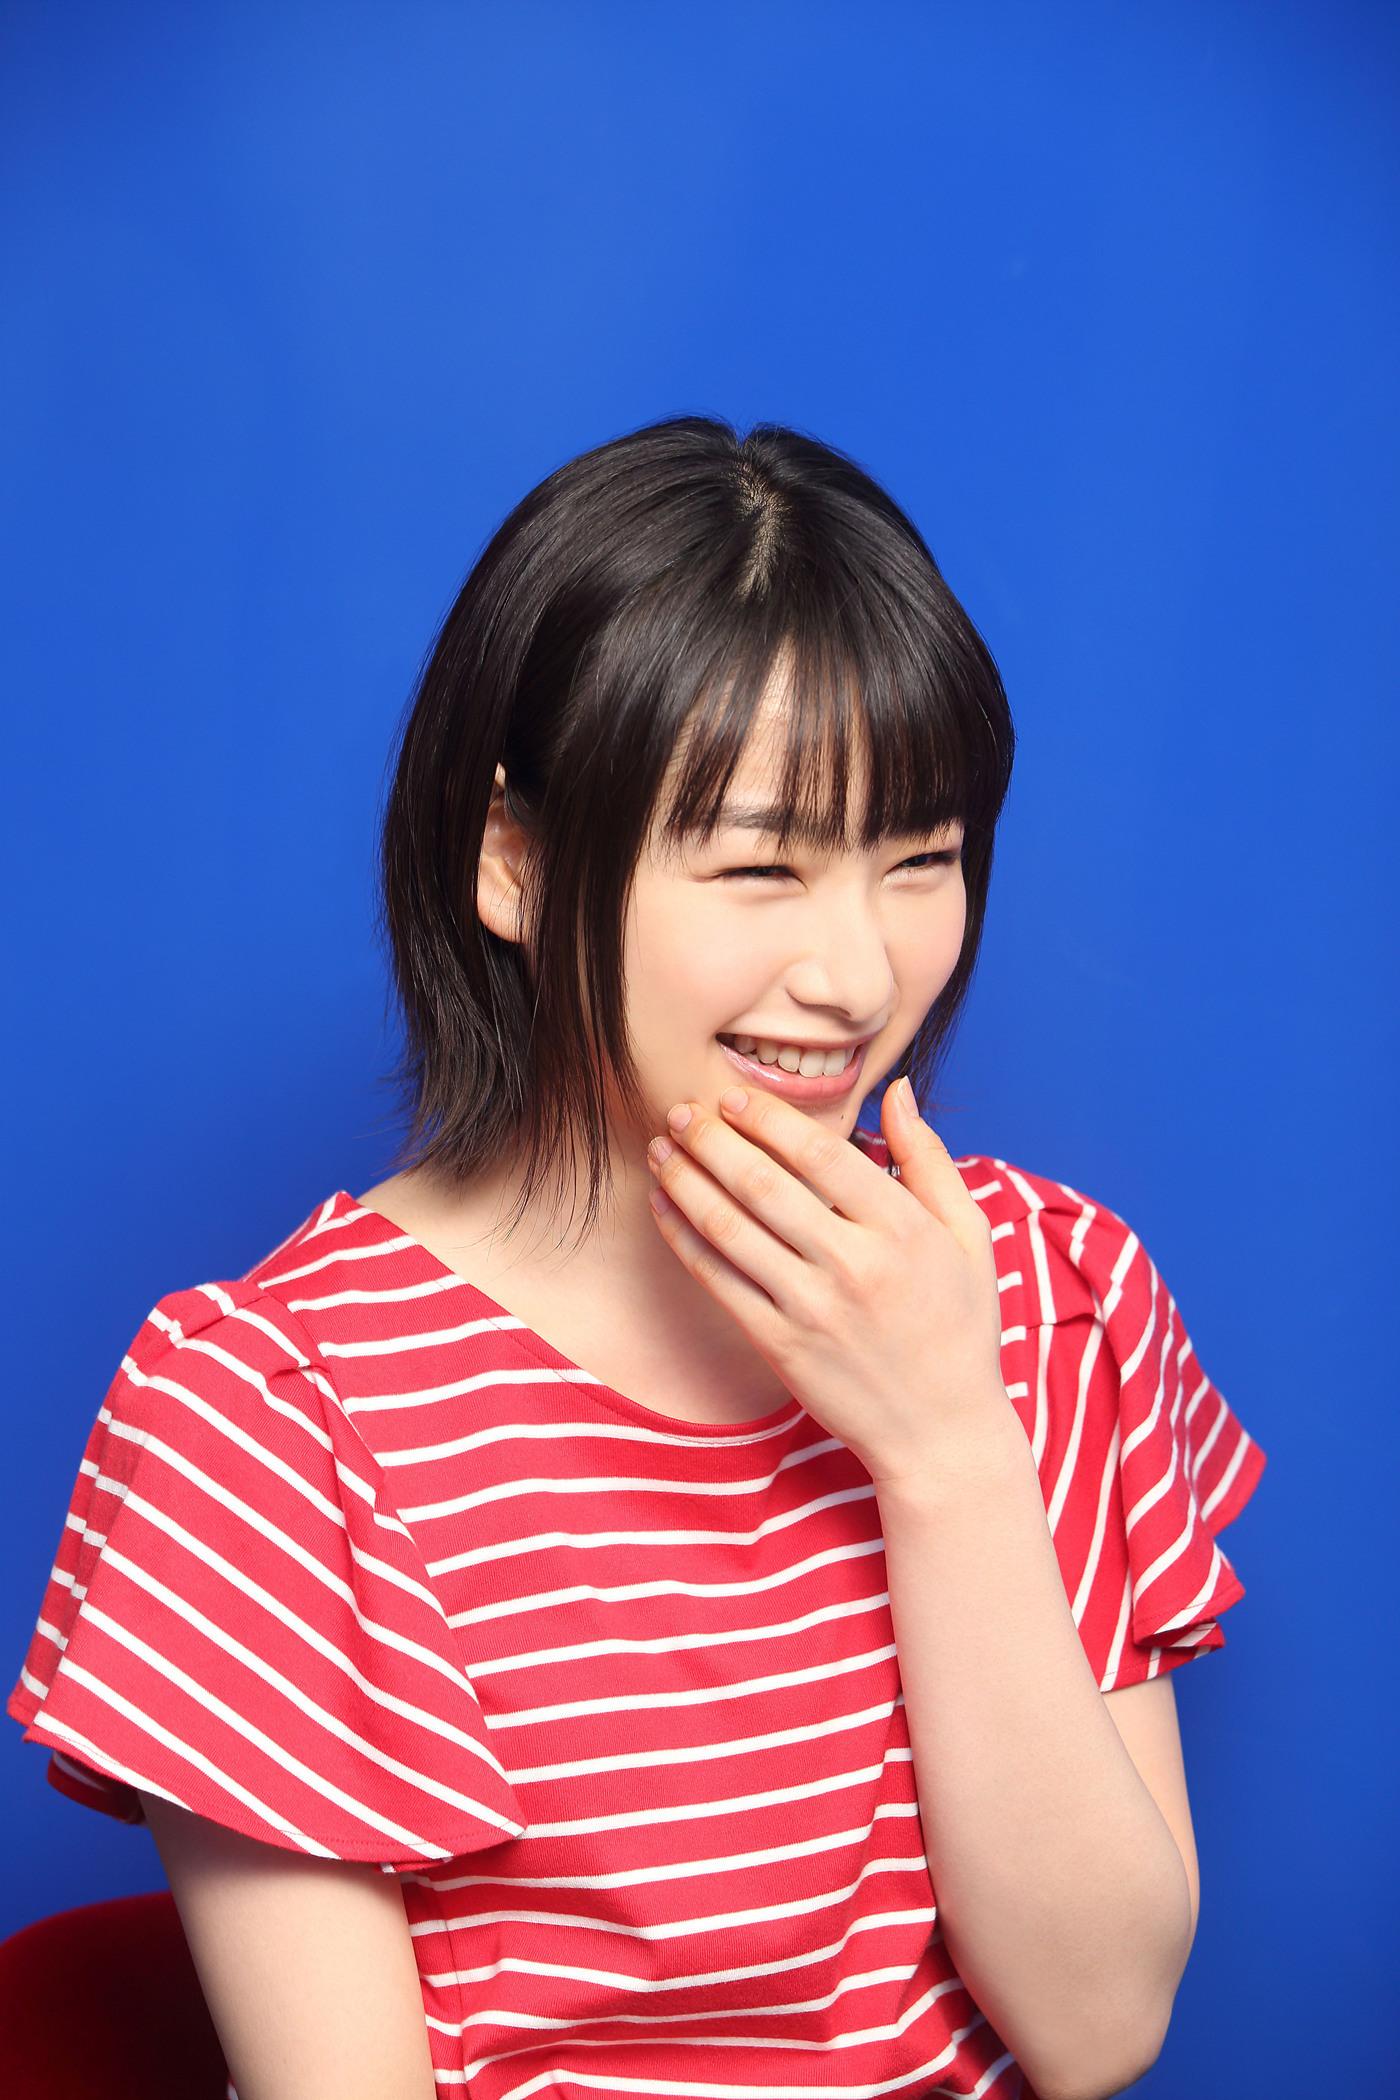 桜井日奈子がピュアなヒロインを熱演!吉沢亮のモノマネエピソードもの8枚目の画像